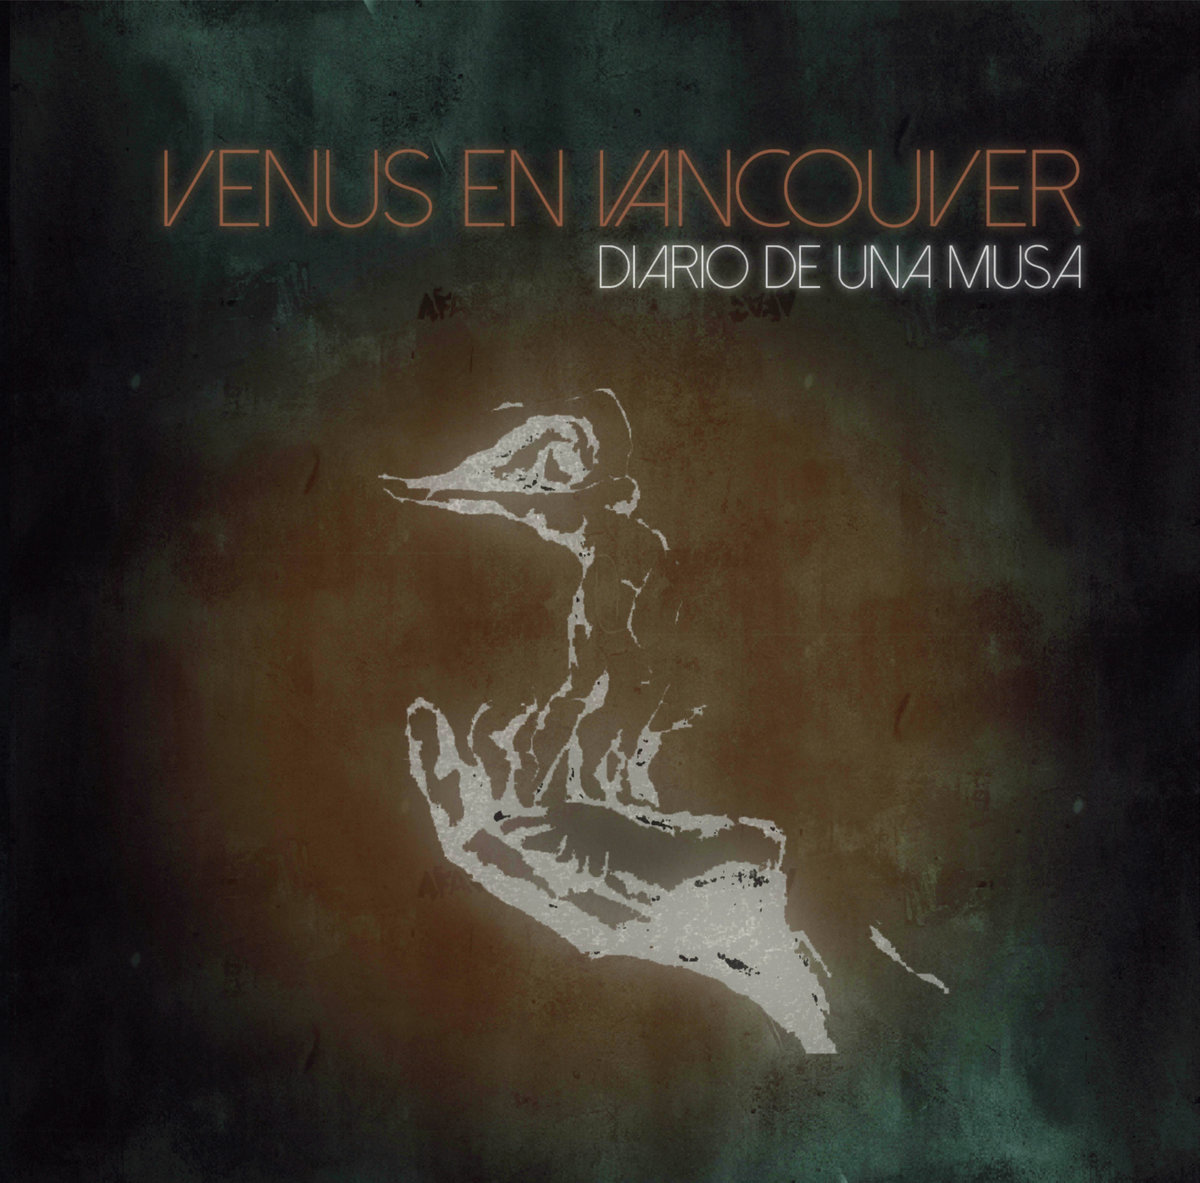 Diario De Una Musa Ep 2015 Venusenvancouver